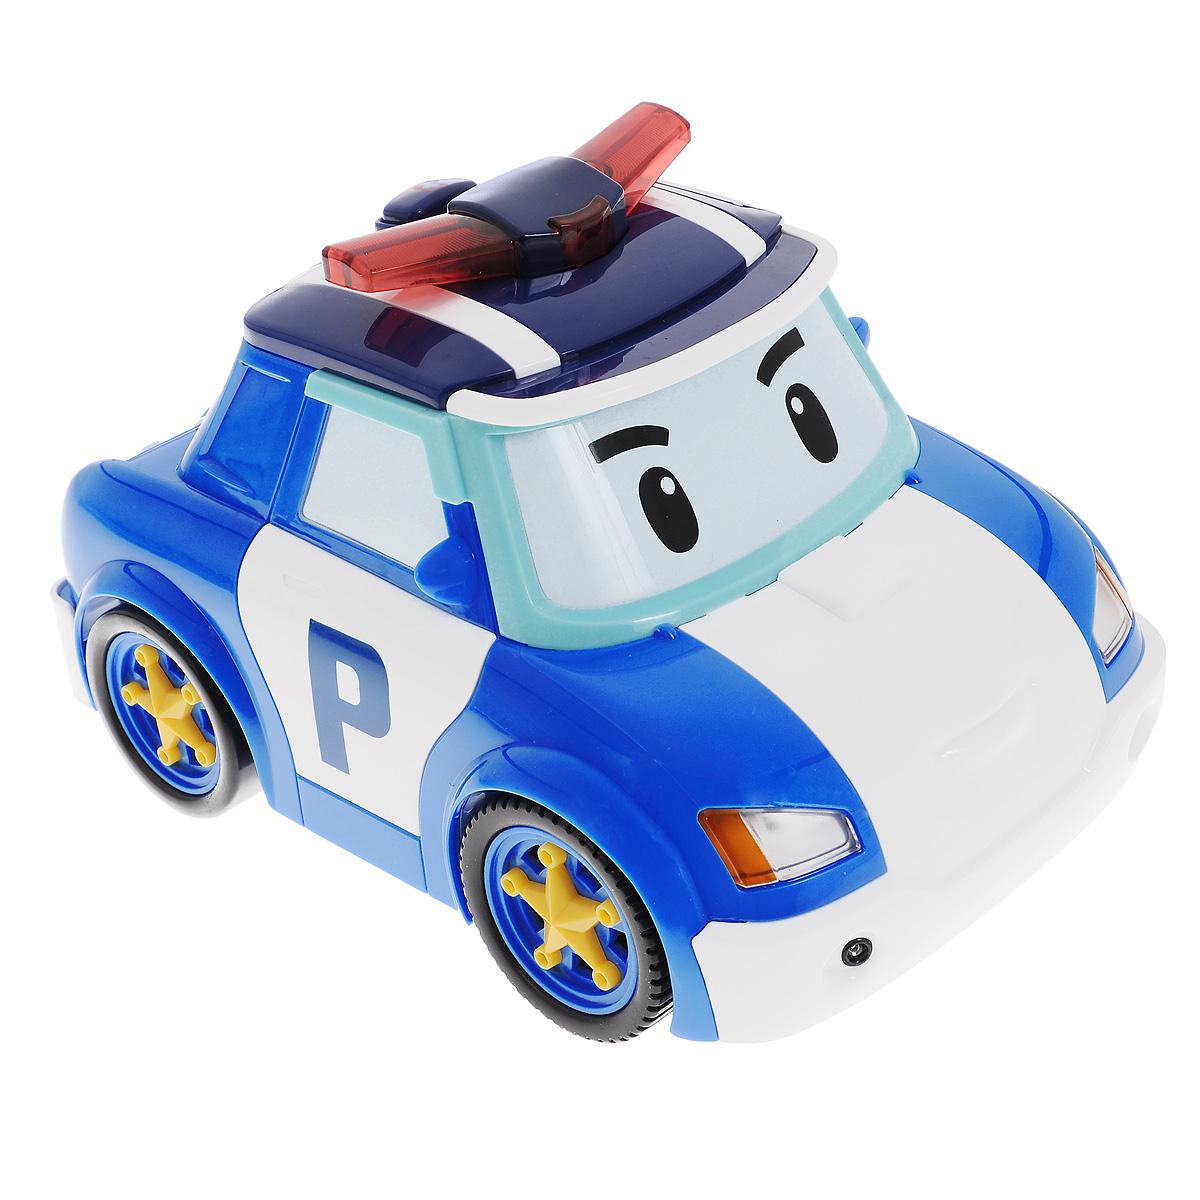 Robocar Poli Машина на радиоуправлении Follow Me Poli83080Радиоуправляемая модель Poli Follow Me Poli привлечет внимание любого маленького поклонника мультфильма Robocar Poli. Машинка выполнена из прочного пластика в виде главного героя мультфильма - полицейского автомобиля Поли. Пульт управления выполнен в виде полицейского жезла и разработан специально для маленьких ручек малыша - на нем всего одна кнопка, а для управления машинкой достаточно зажать большую желтую кнопку на и перемещать жезл, и машинка будет следовать за ним. Также игрушка имеет режим танца. Чтобы активировать его, нажмите на кнопку с изображением ноты на крыше машинки, и она начнет кружиться со звуковыми и световыми эффектами. Машинка умеет автоматически распознавать препятствия и избегать их. Ваш малыш часами будет играть с такой игрушкой, придумывая различные истории и устраивая соревнования. Порадуйте его таким замечательным подарком! Для работы машинки необходимо докупить 4 батареи типа AА (не входят в комплект). Для работы пульта...